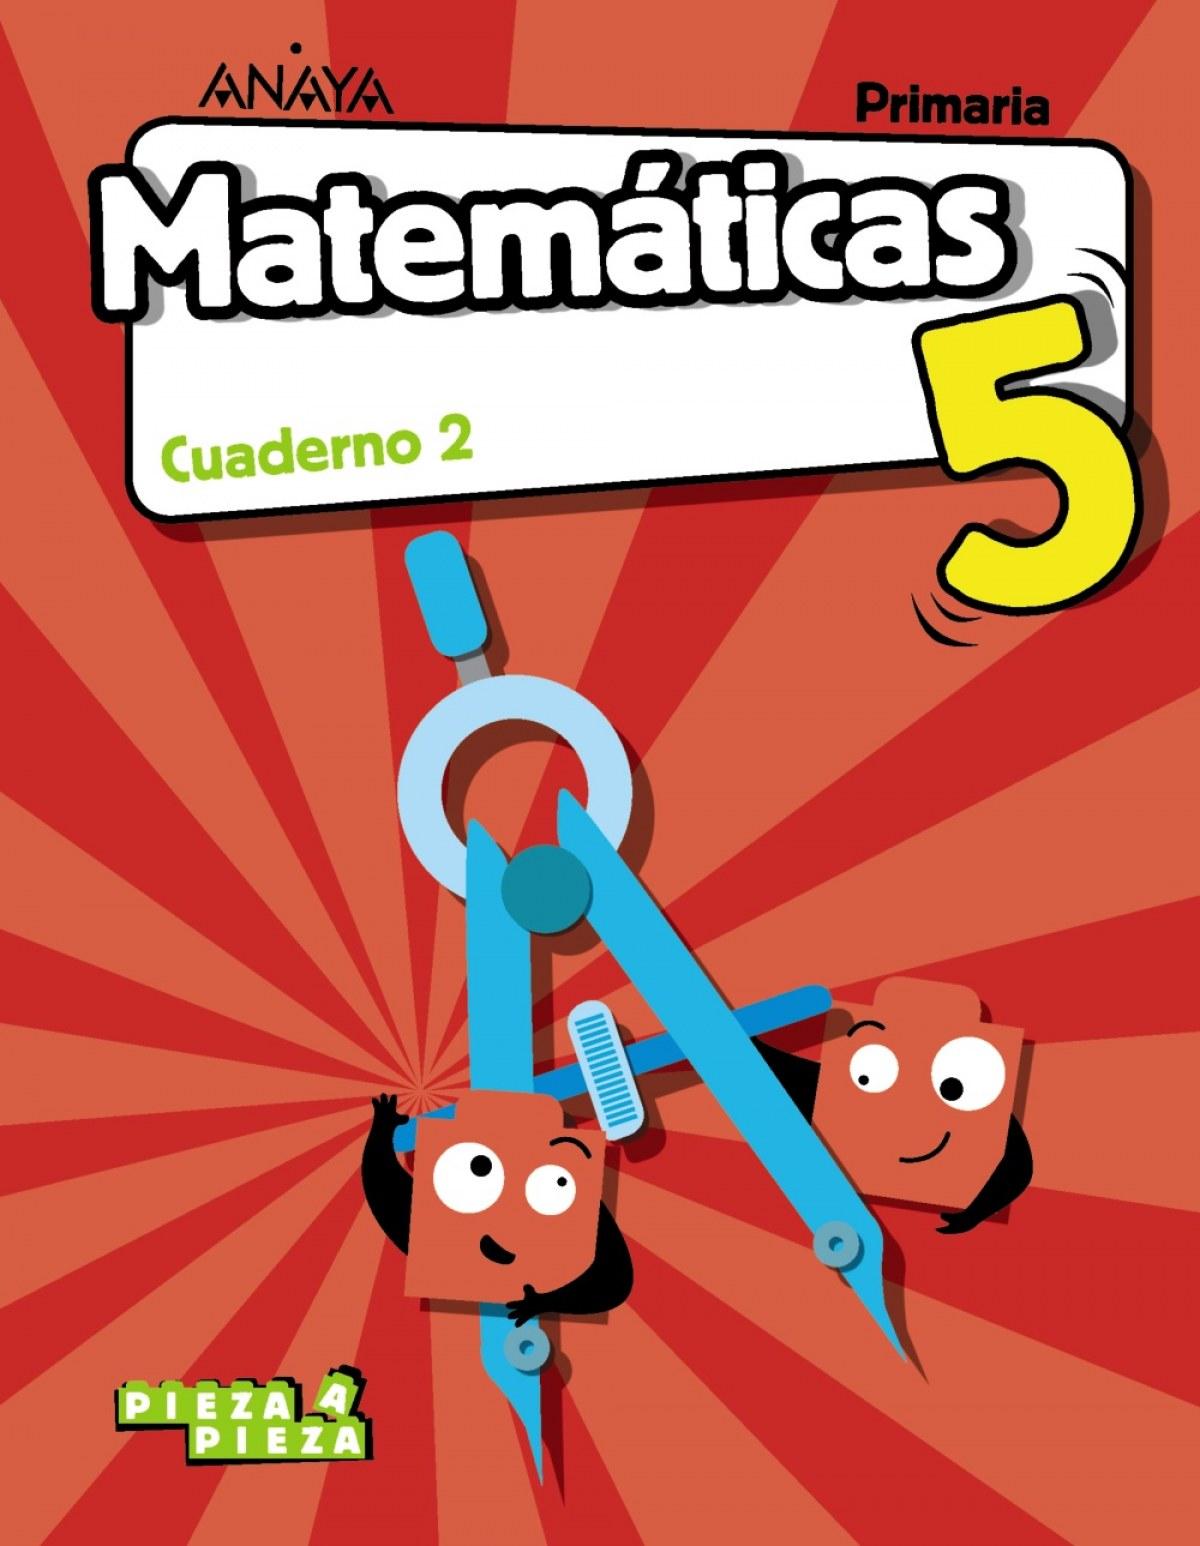 CUADERNO MATEMÁTICAS 2-5ºPRIMARIA. PIEZA A PIEZA. MADRID